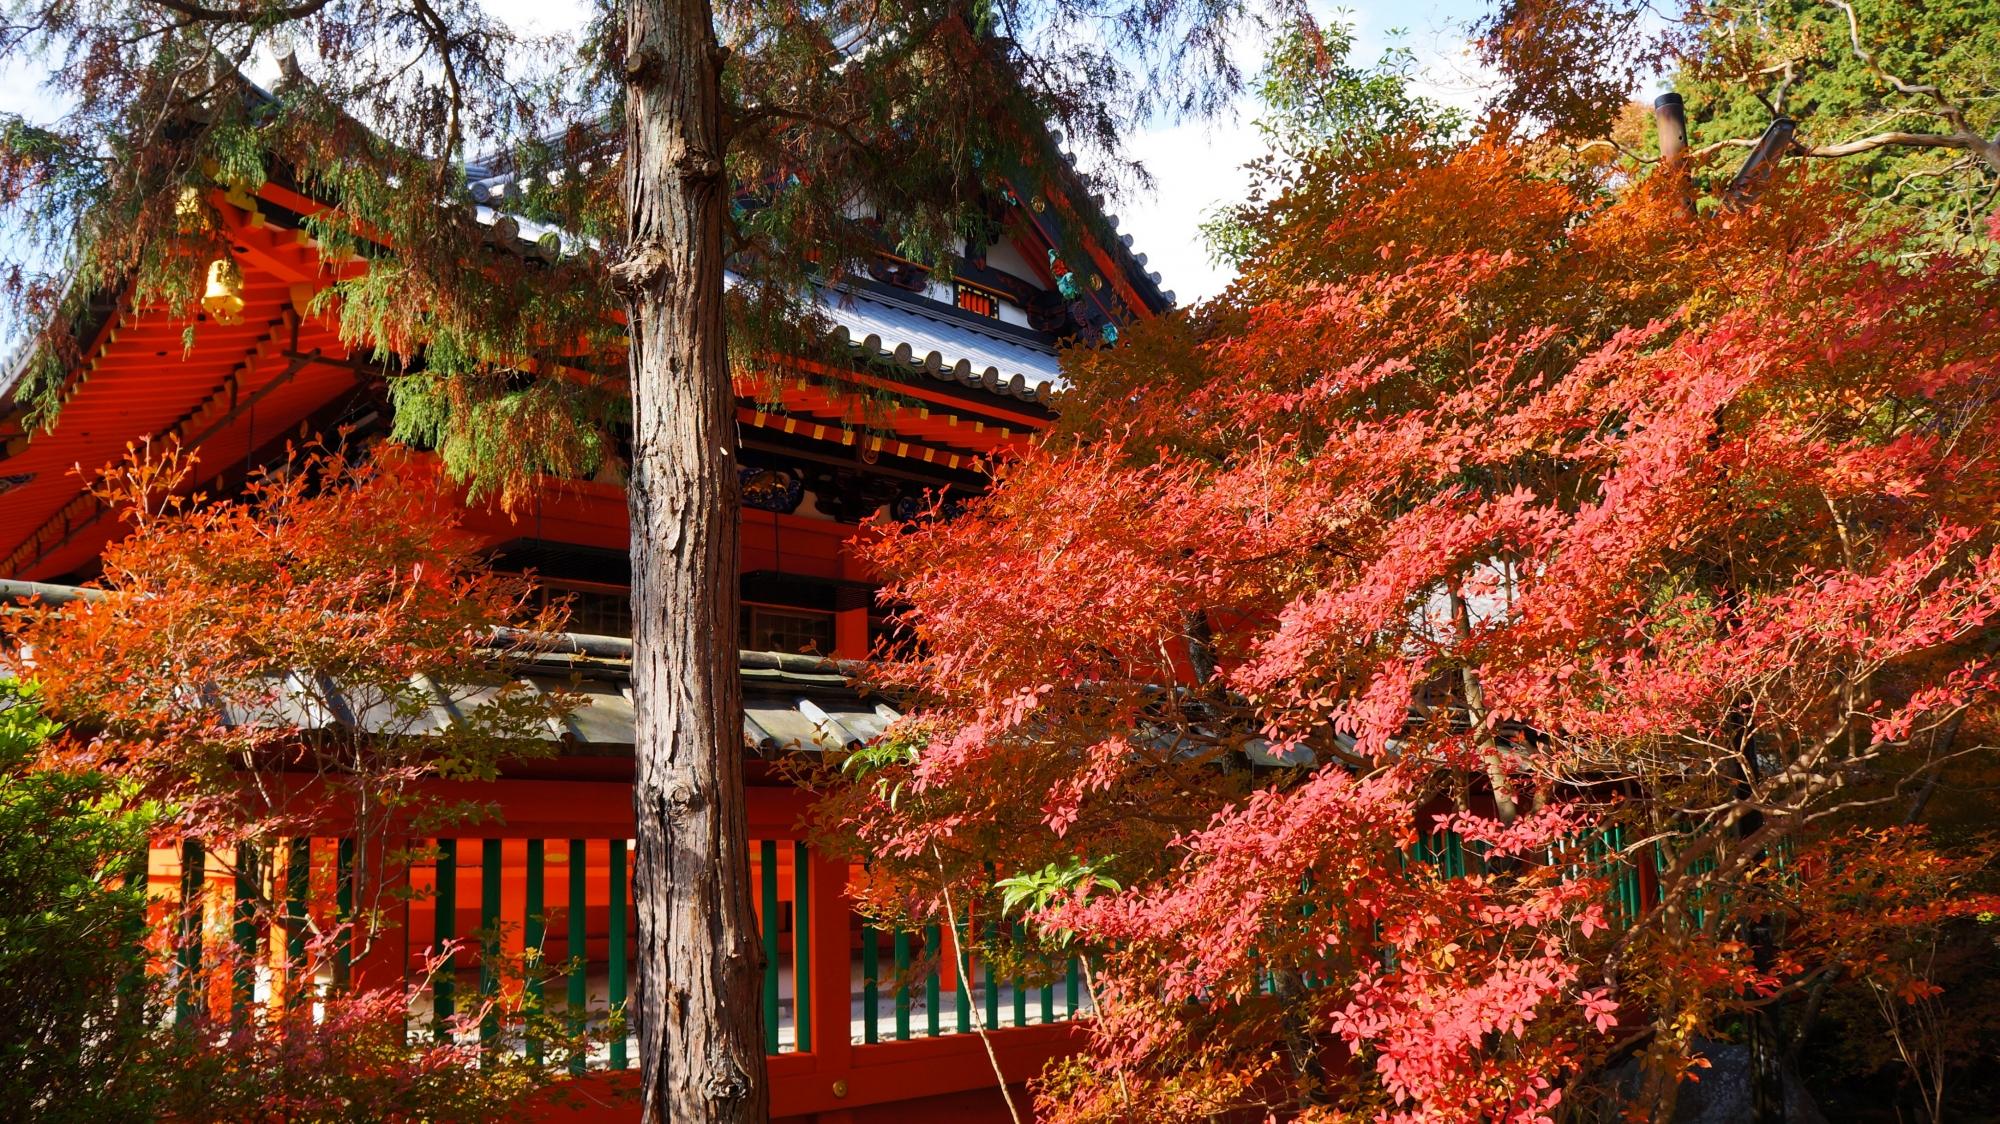 毘沙門堂の本堂横の溢れる鮮やかな紅葉